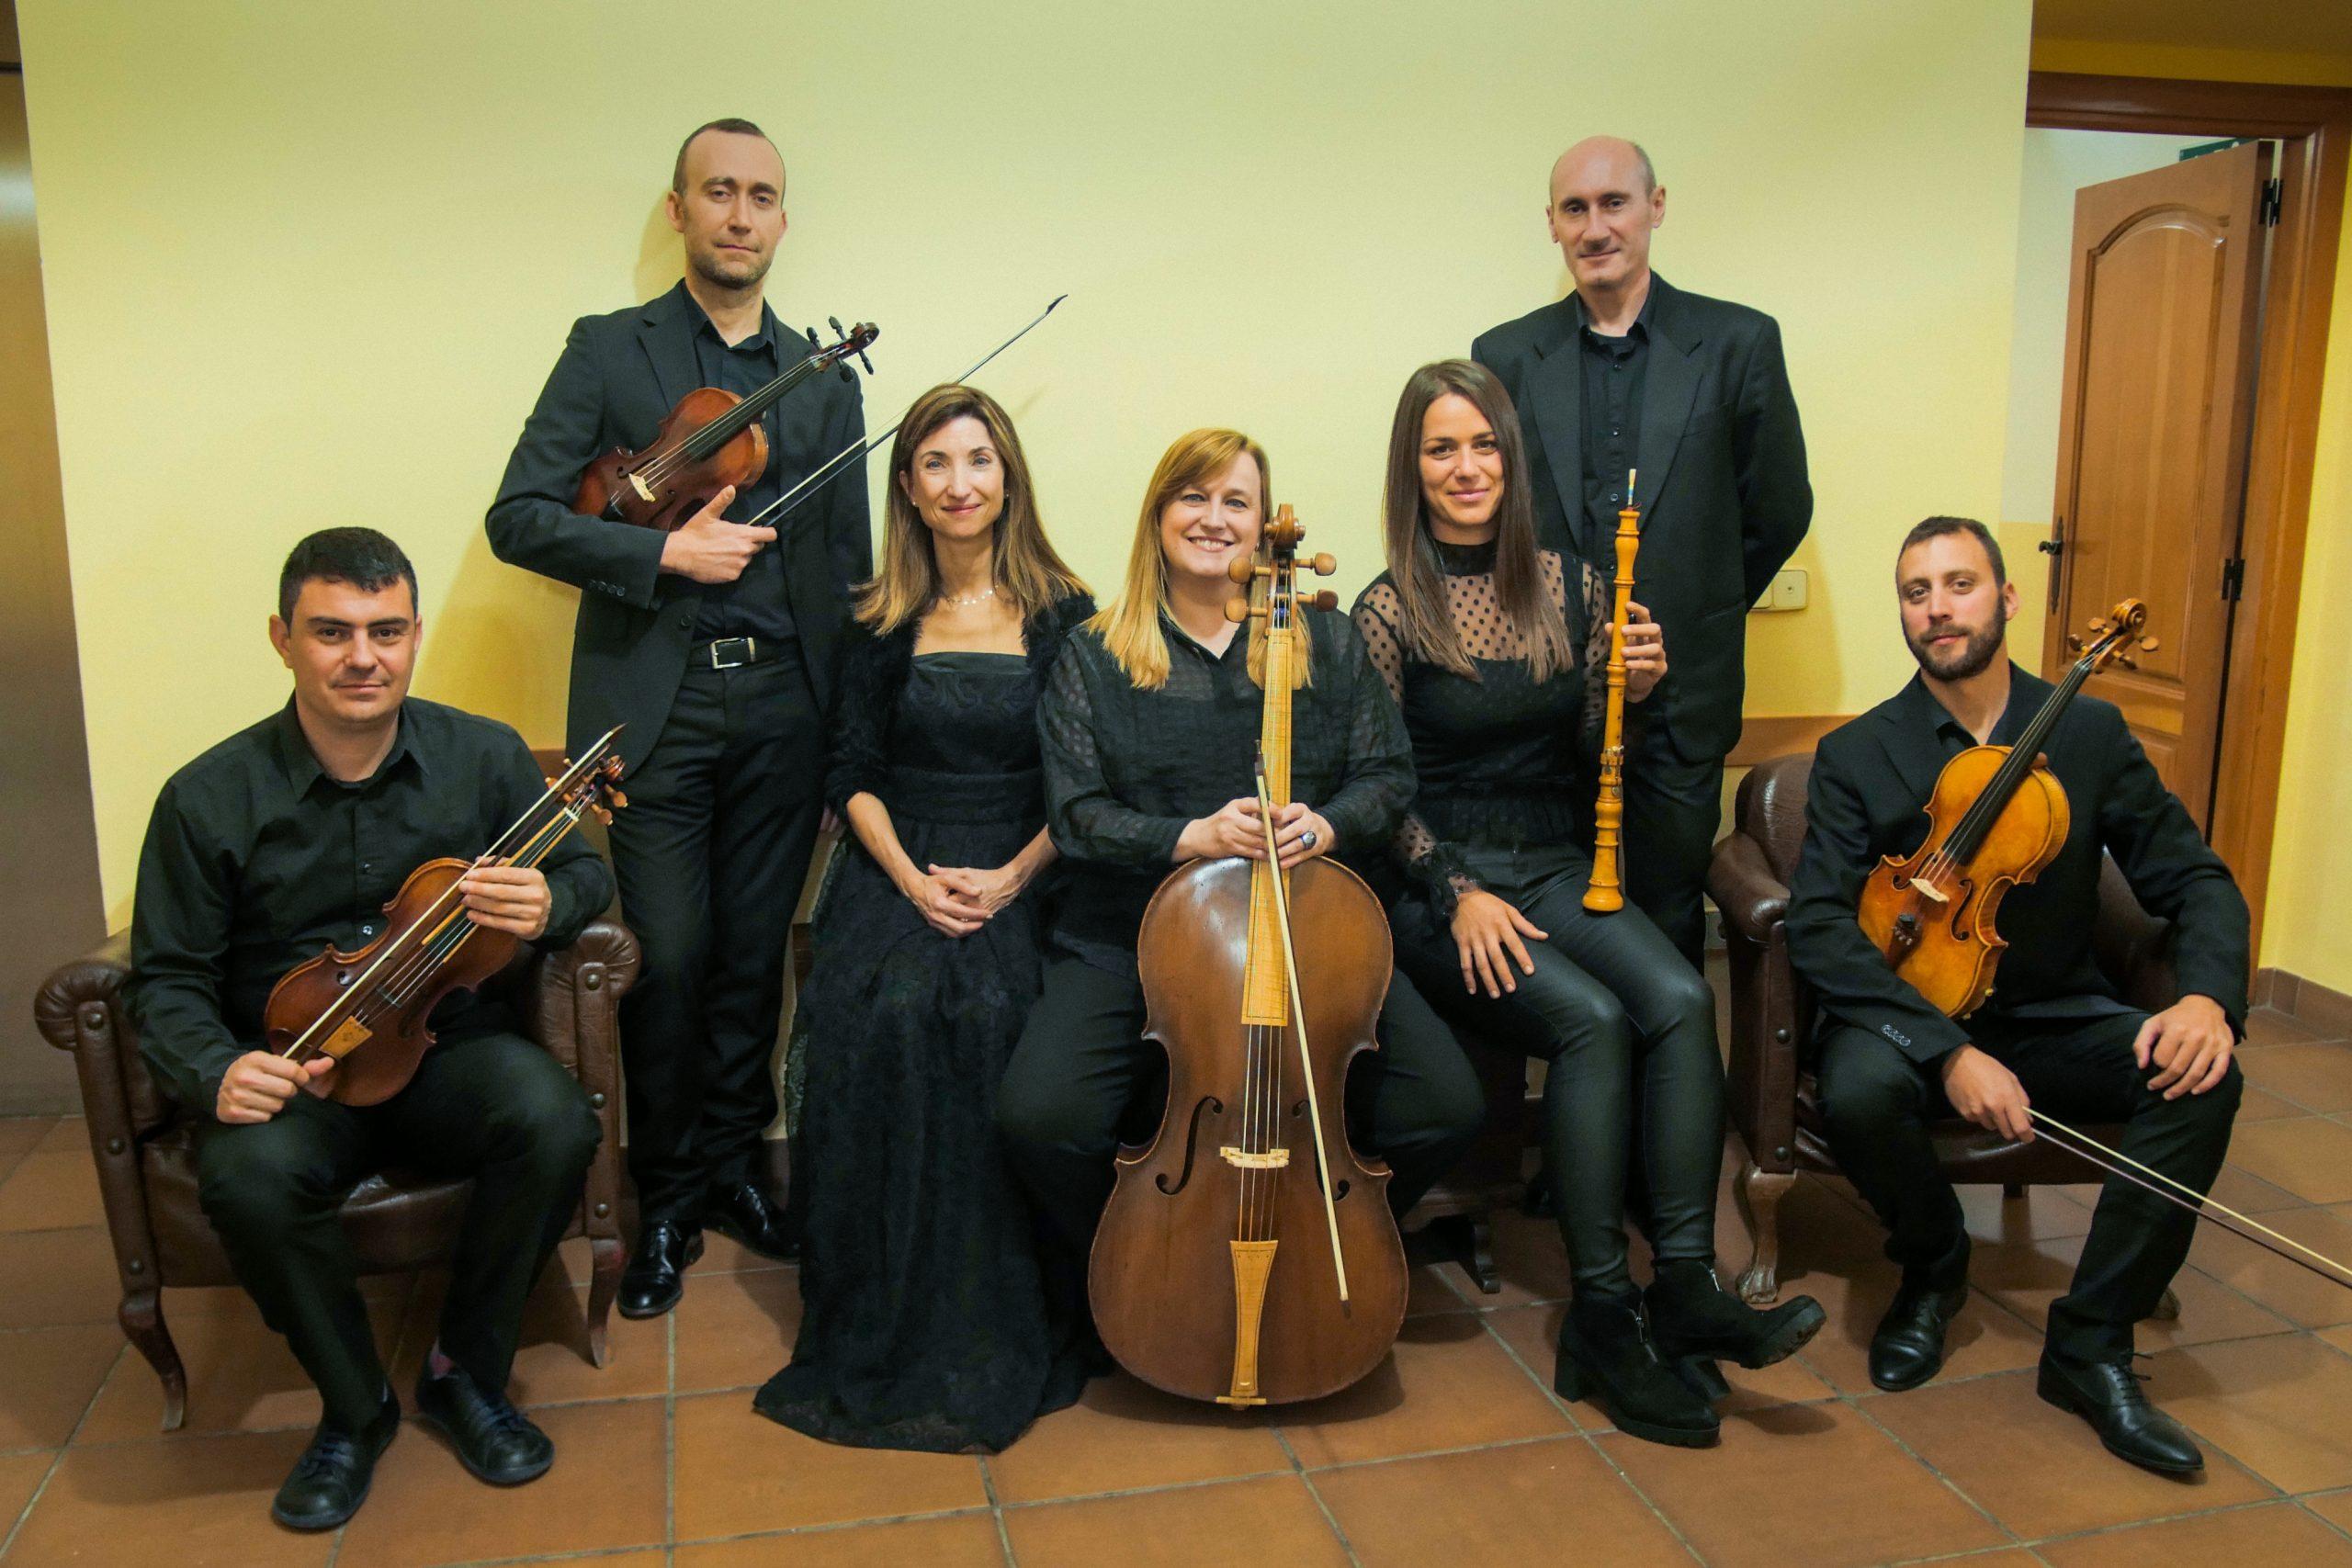 Nuevo concierto de música barroca en la ermita de Sant Blai de Burriana